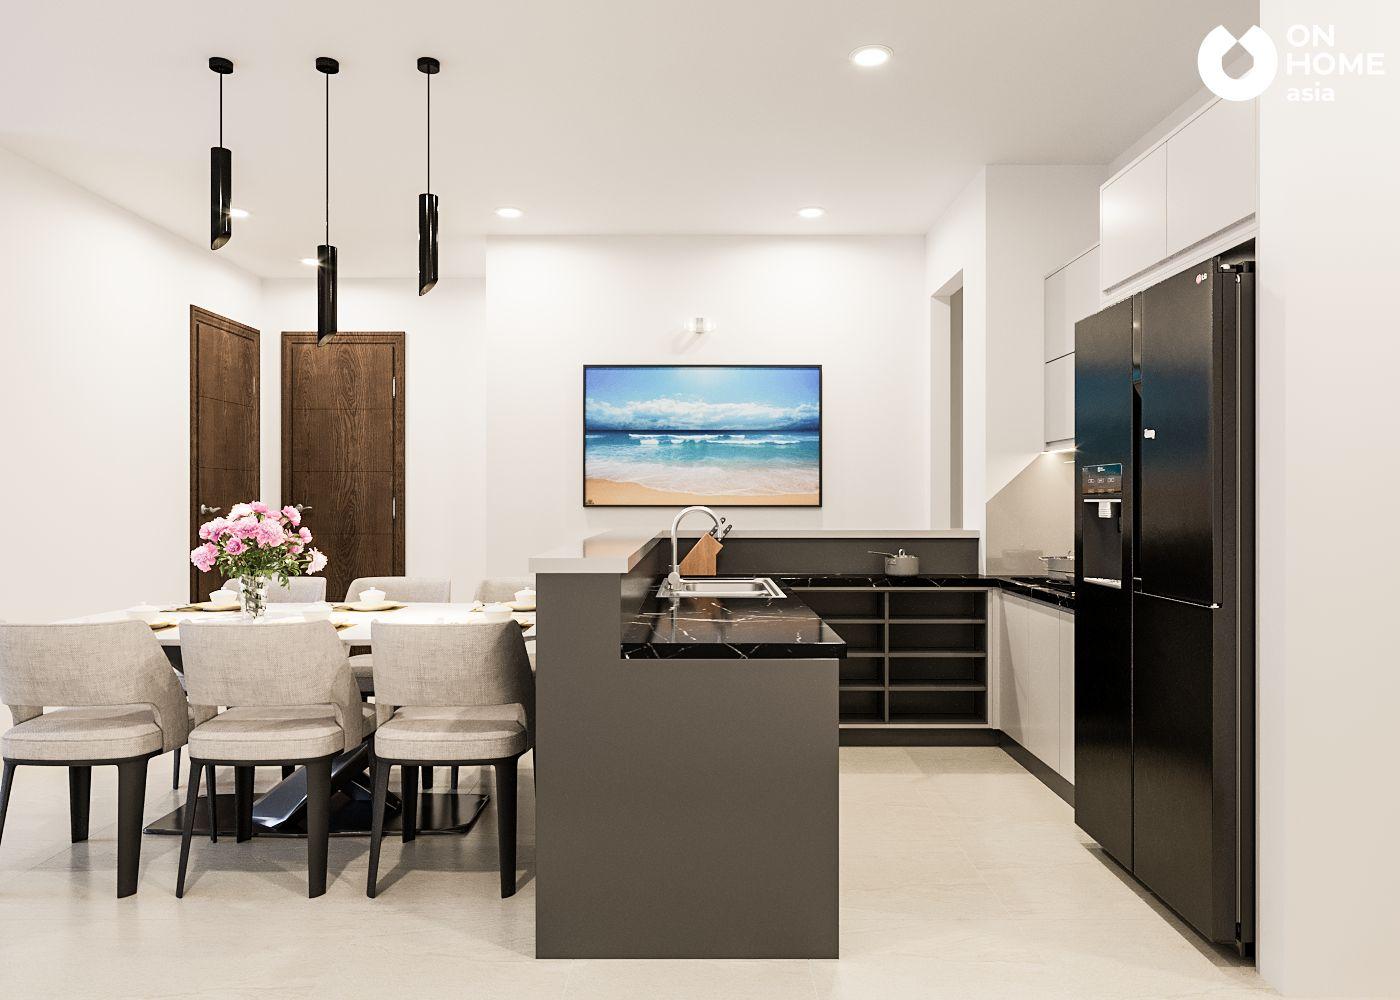 phòng bếp căn hộ Habitat